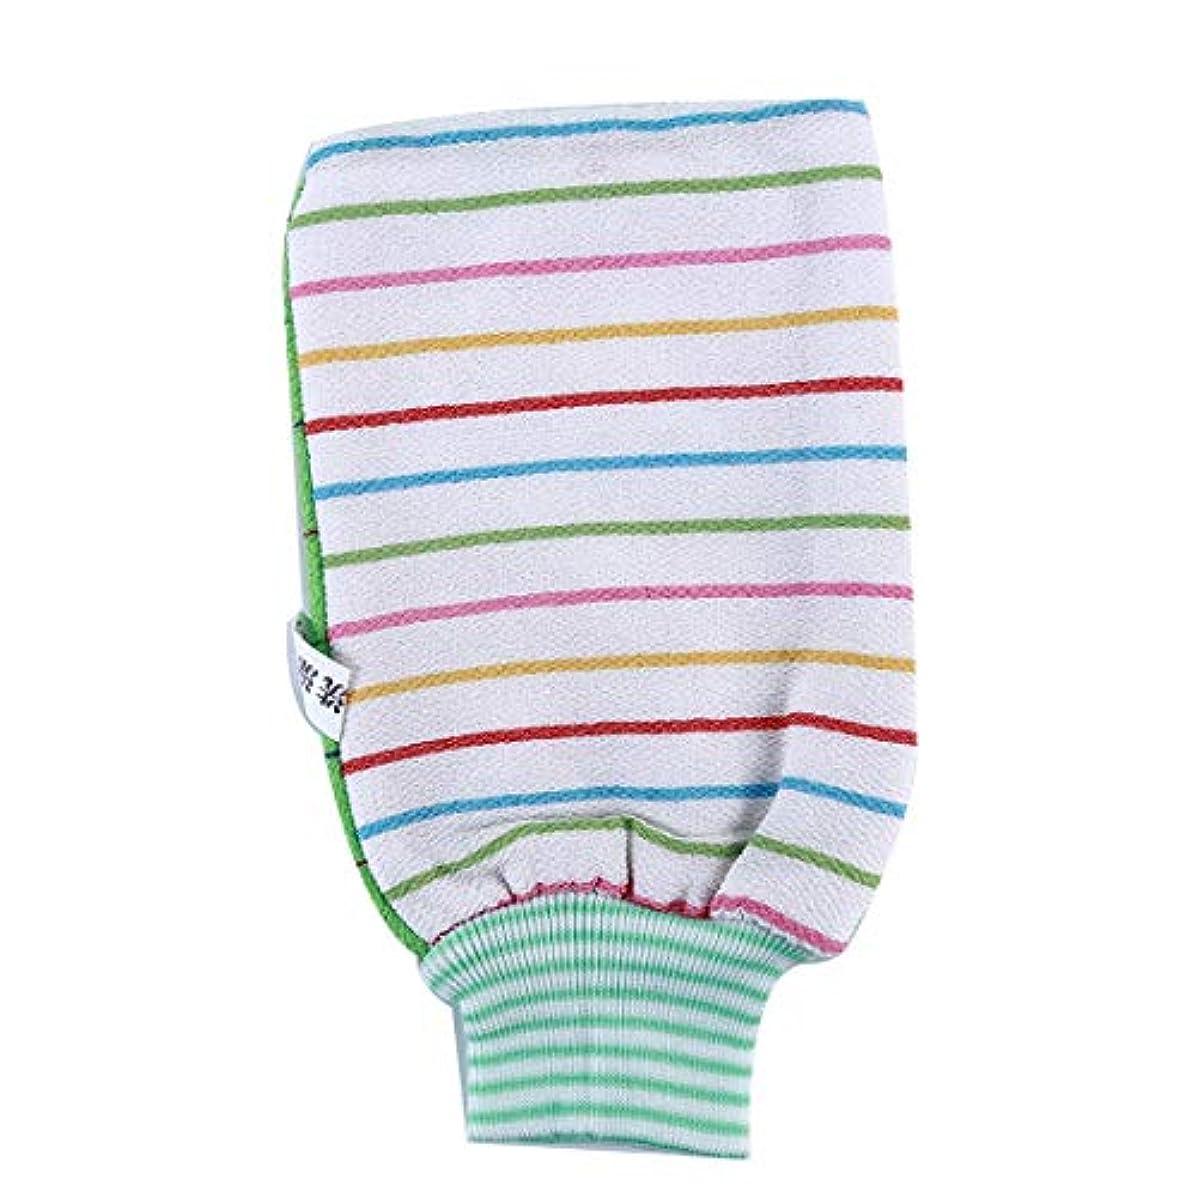 拮抗楽観的目立つKLUMA 浴用手袋 ボディ手袋 ボディタオル 垢すり用グローブ 毛穴清潔 角質除去 入浴用品 グリーン